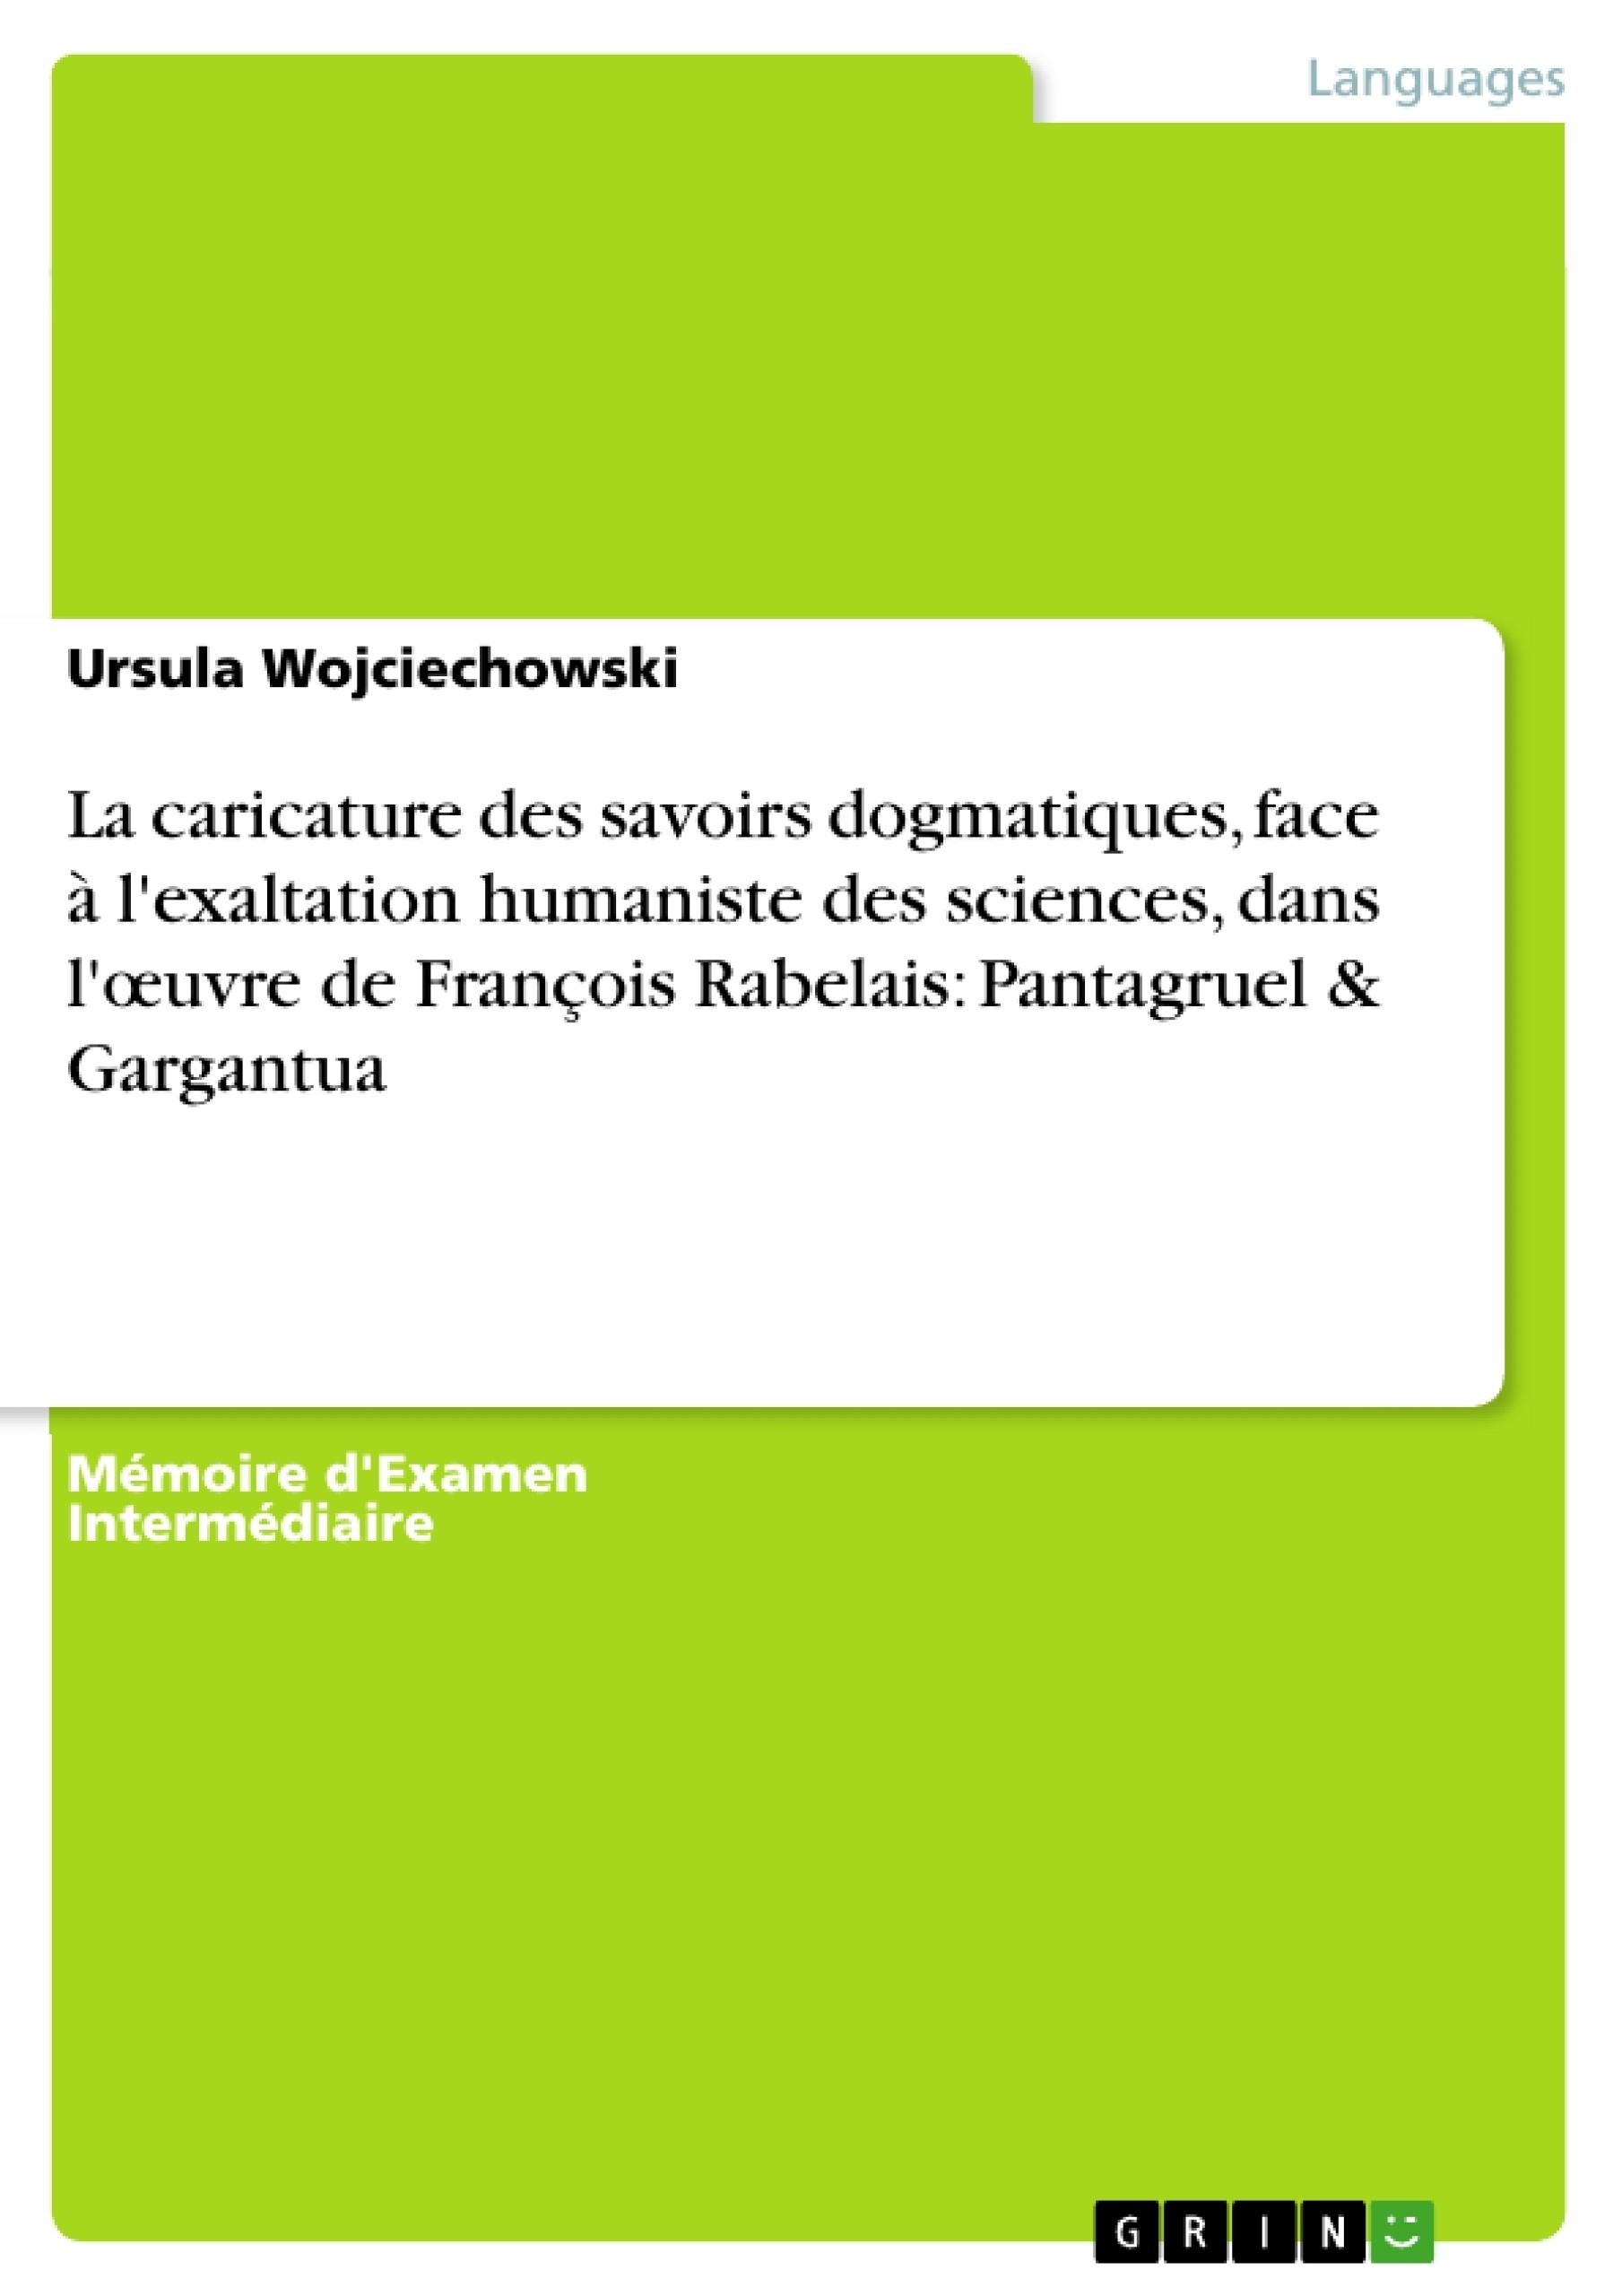 Titre: La caricature des savoirs dogmatiques, face à l'exaltation humaniste des sciences, dans l'œuvre de François Rabelais: Pantagruel & Gargantua